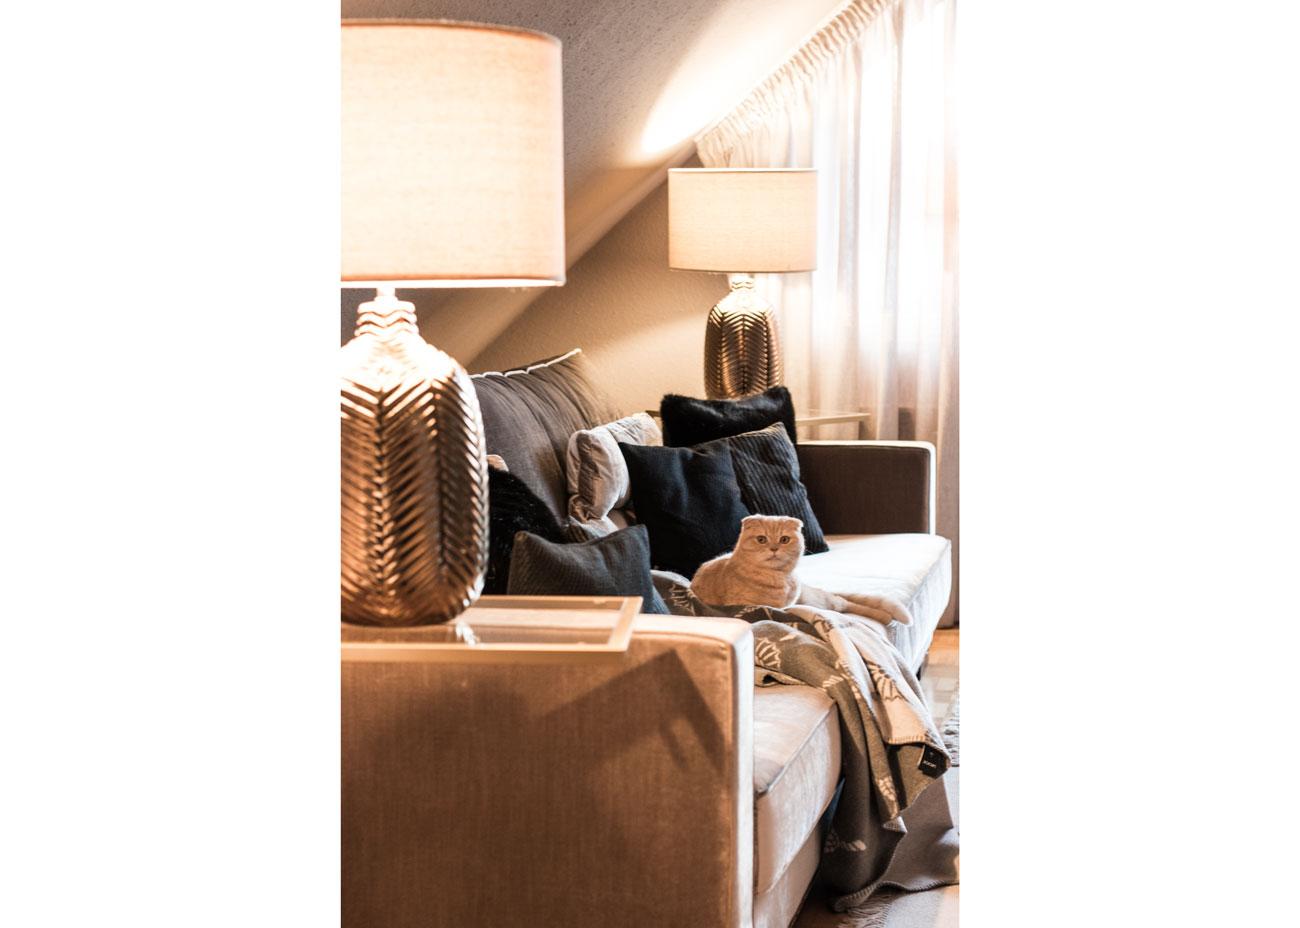 Wohnung renovieren wohnzimmer couch samt taupe kissen schwarz fell katze